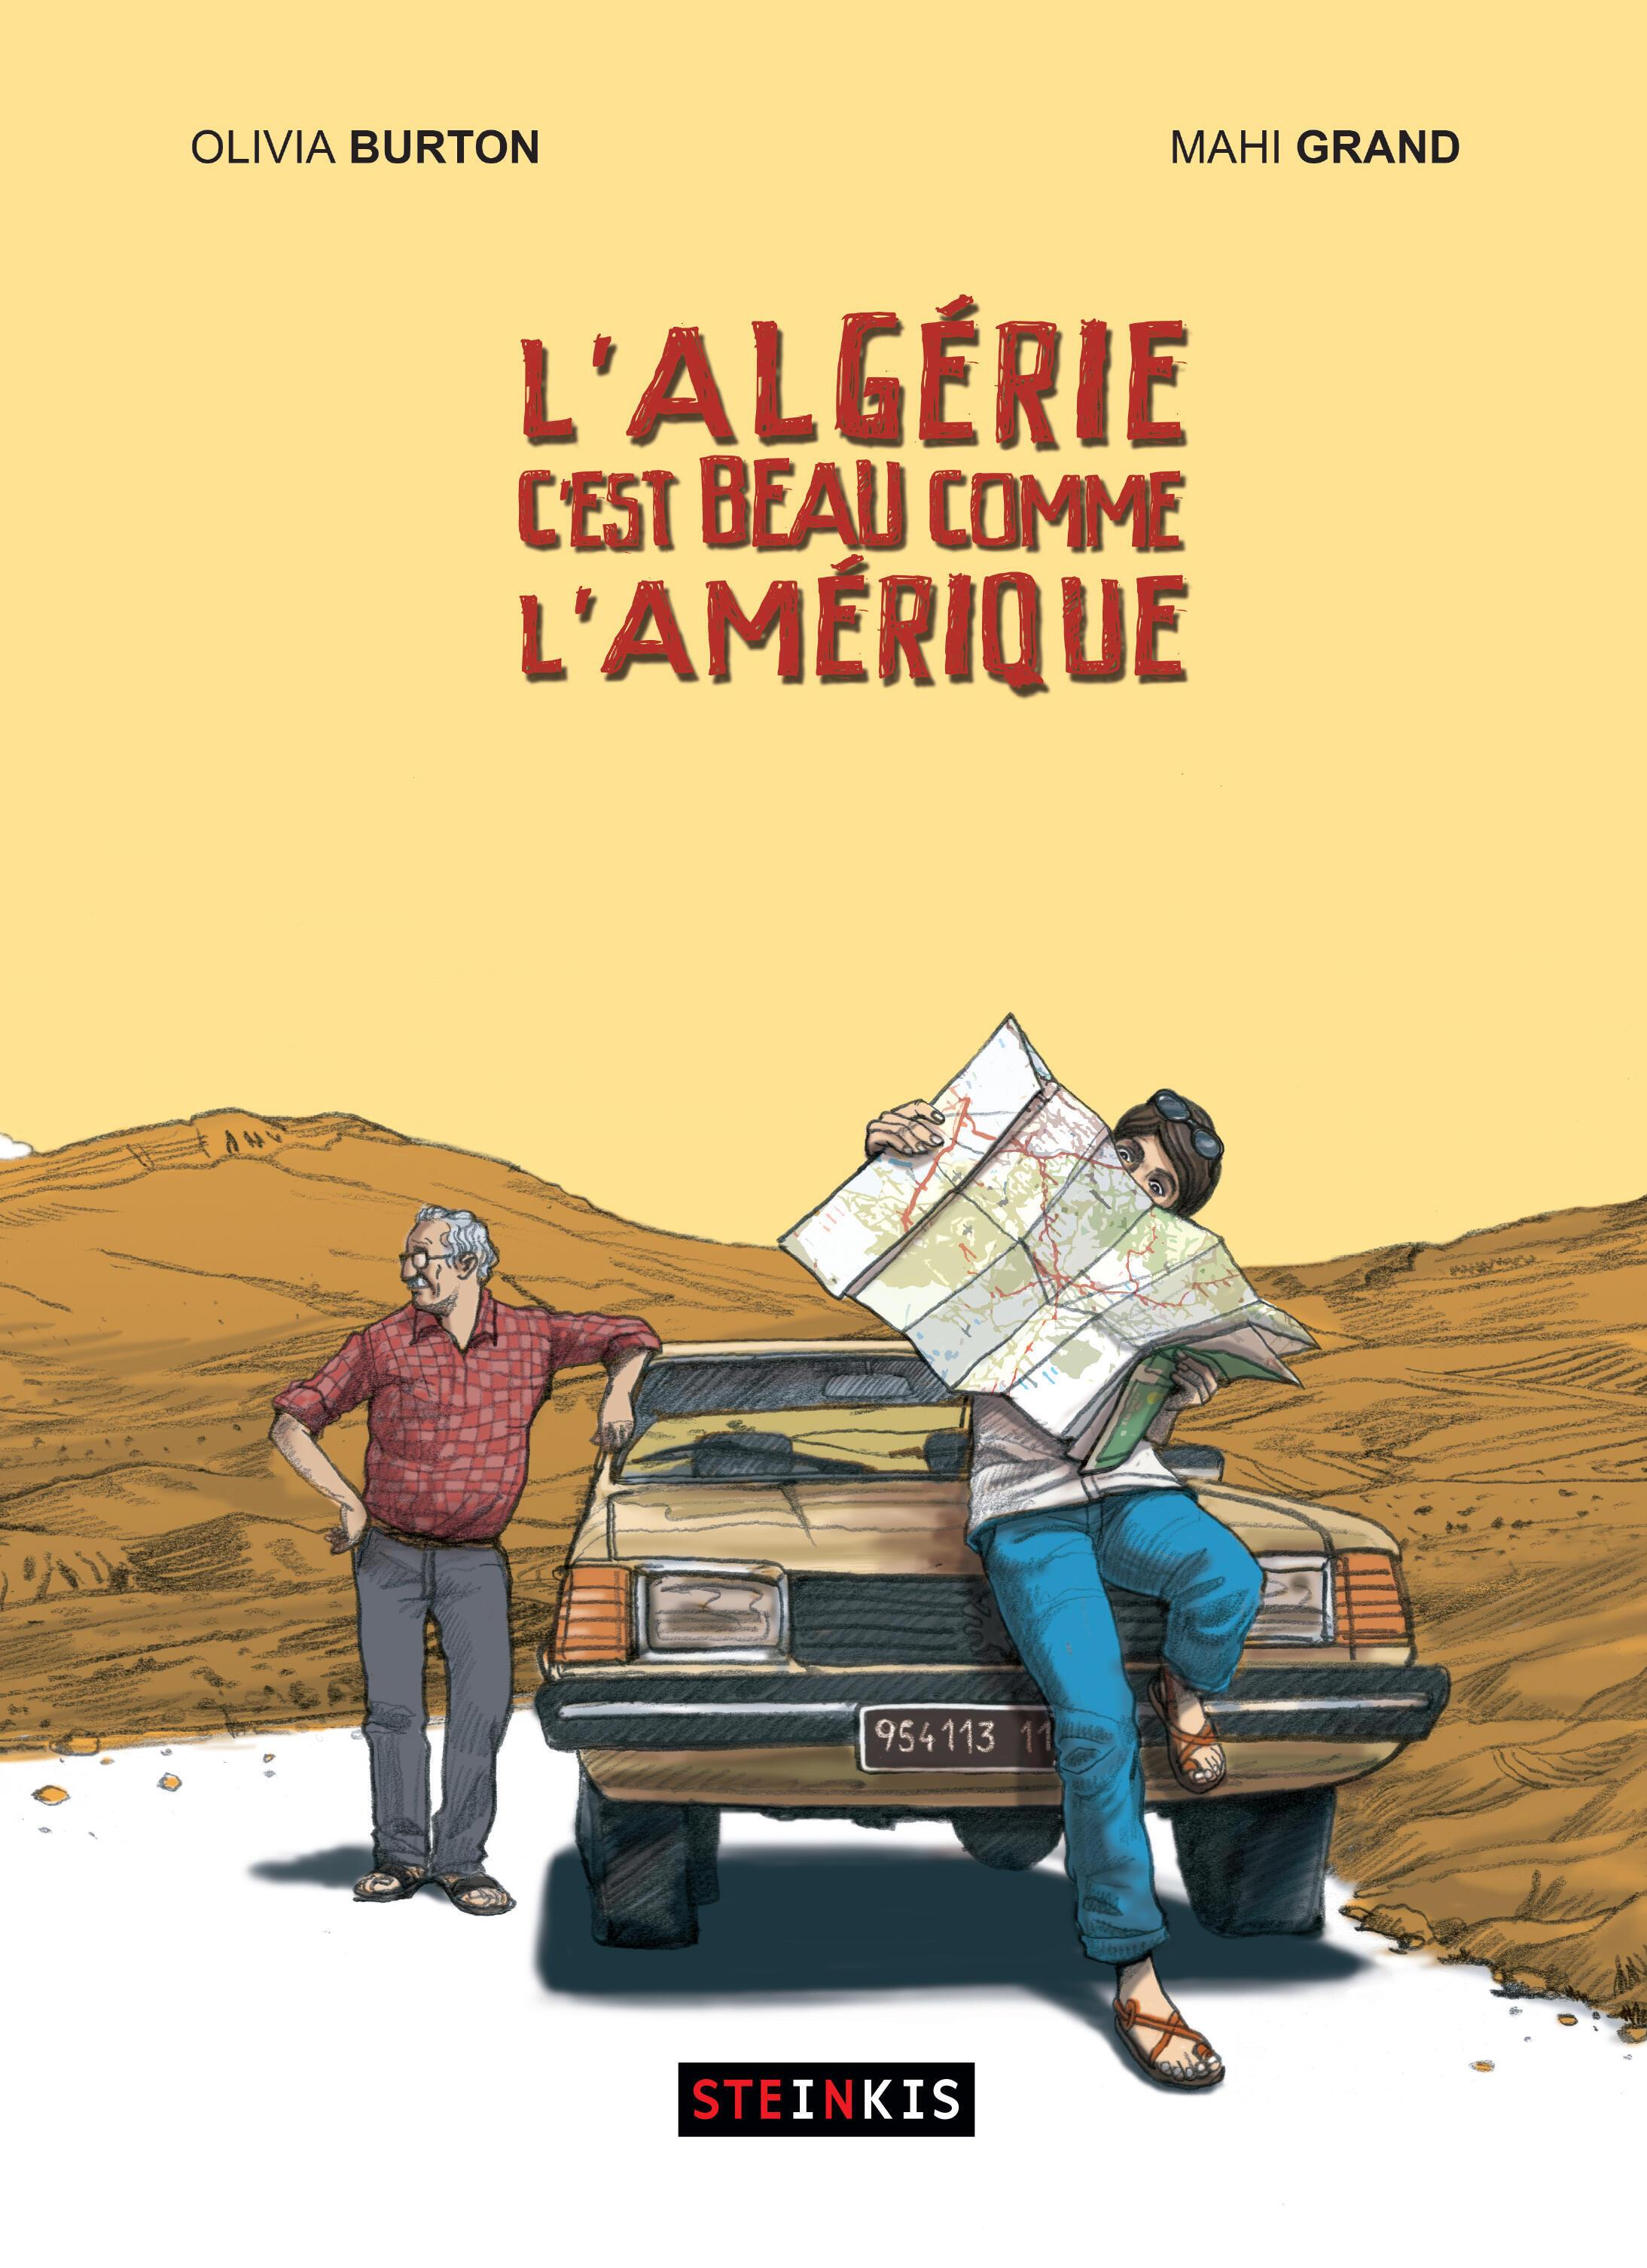 «L'Algérie, c'est beau comme l'Amérique», par Olivia Burton et Mahi Grand.